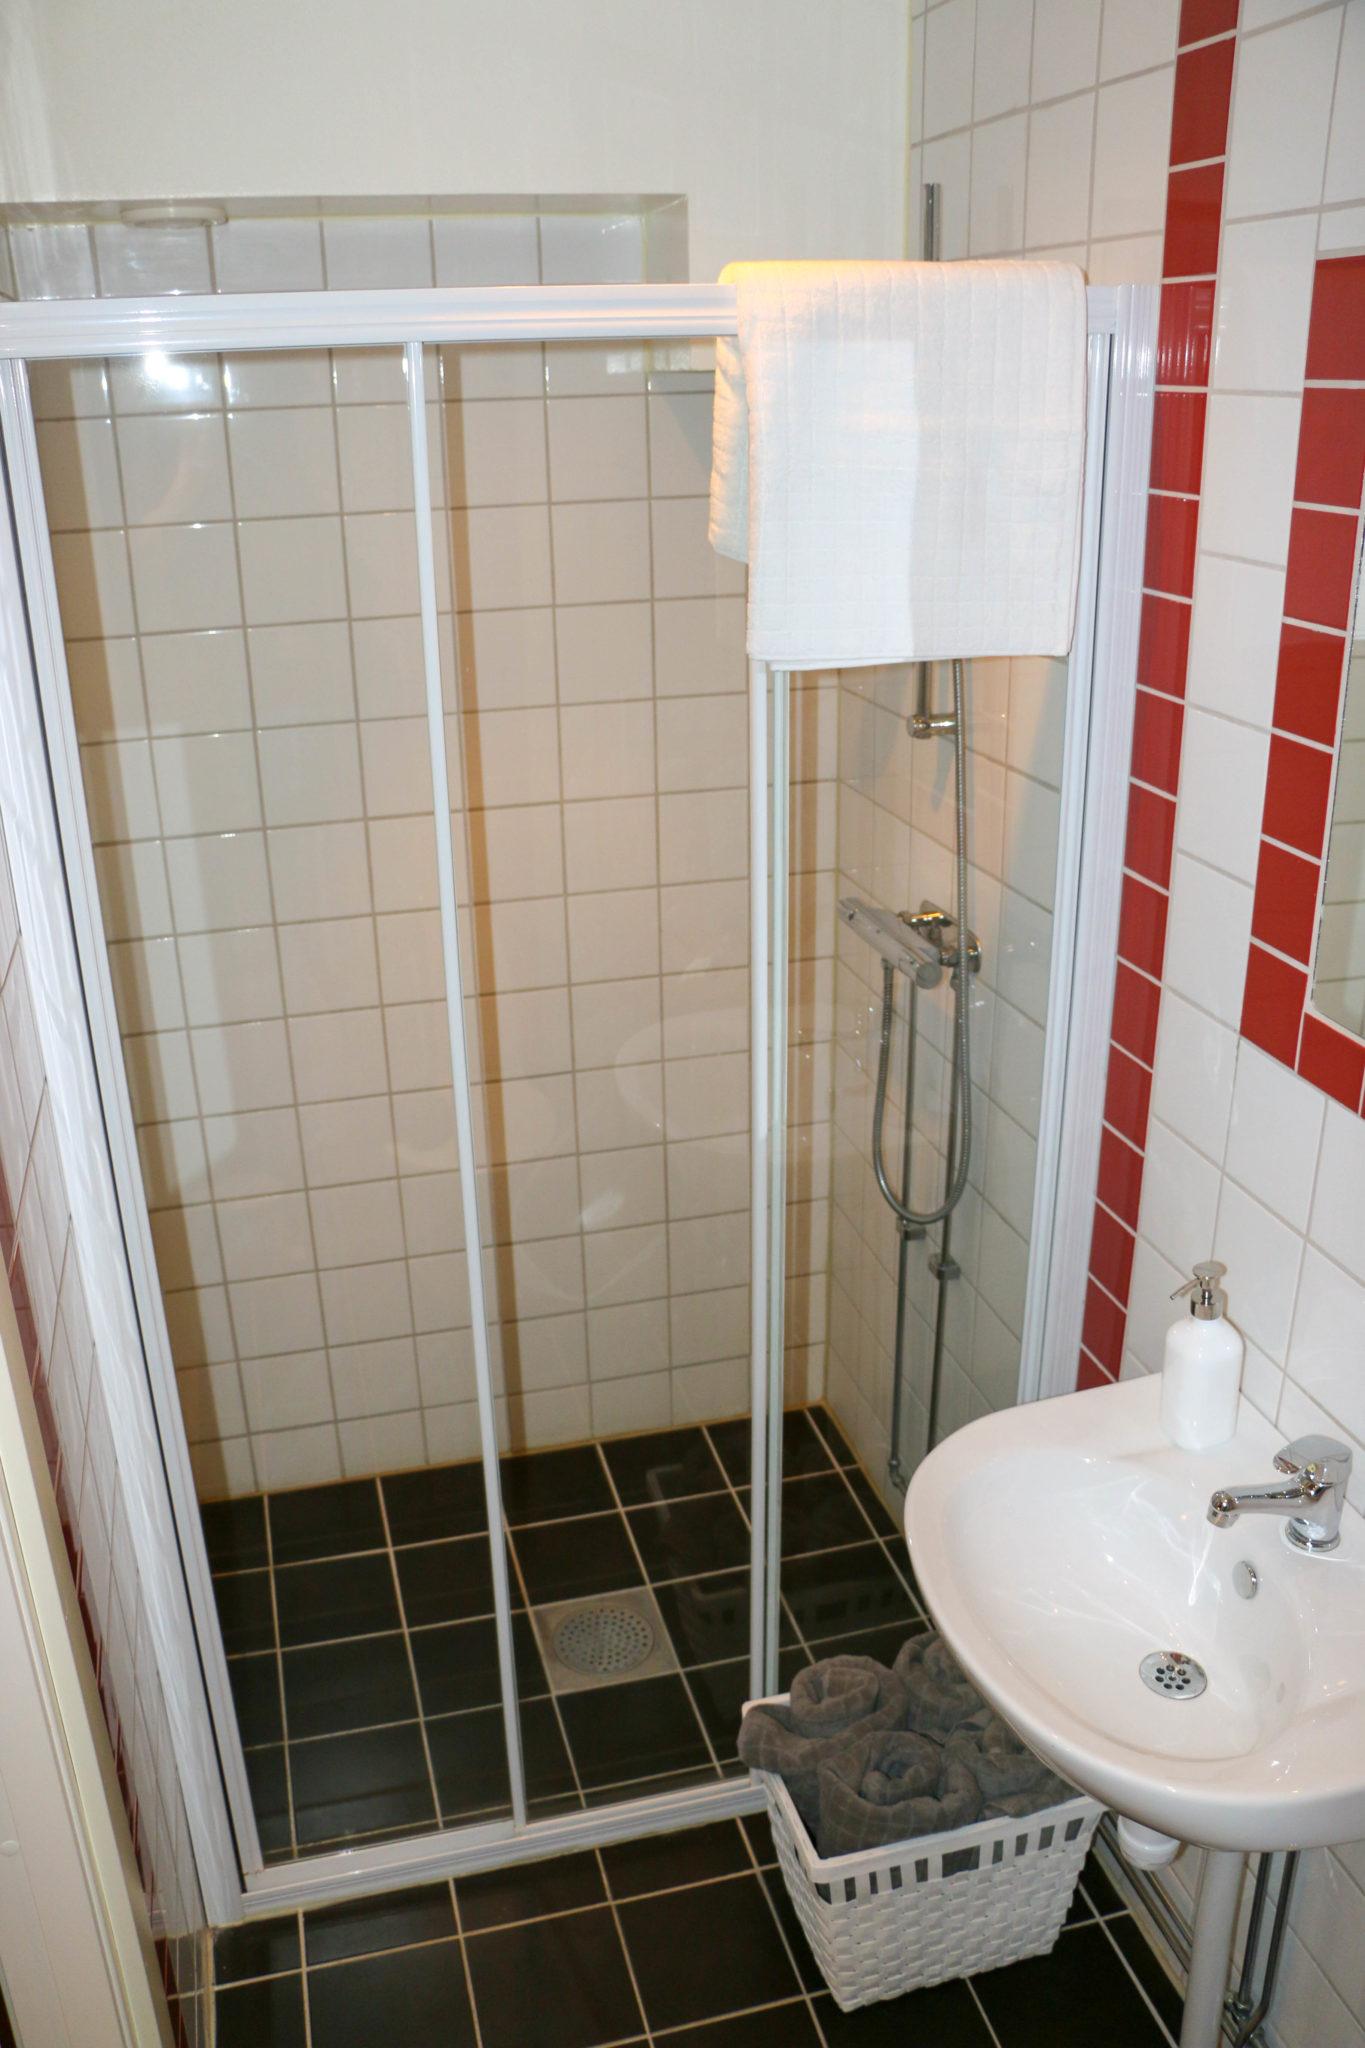 Hotell Hedåsen Twinrum - badrum, dusch, toa